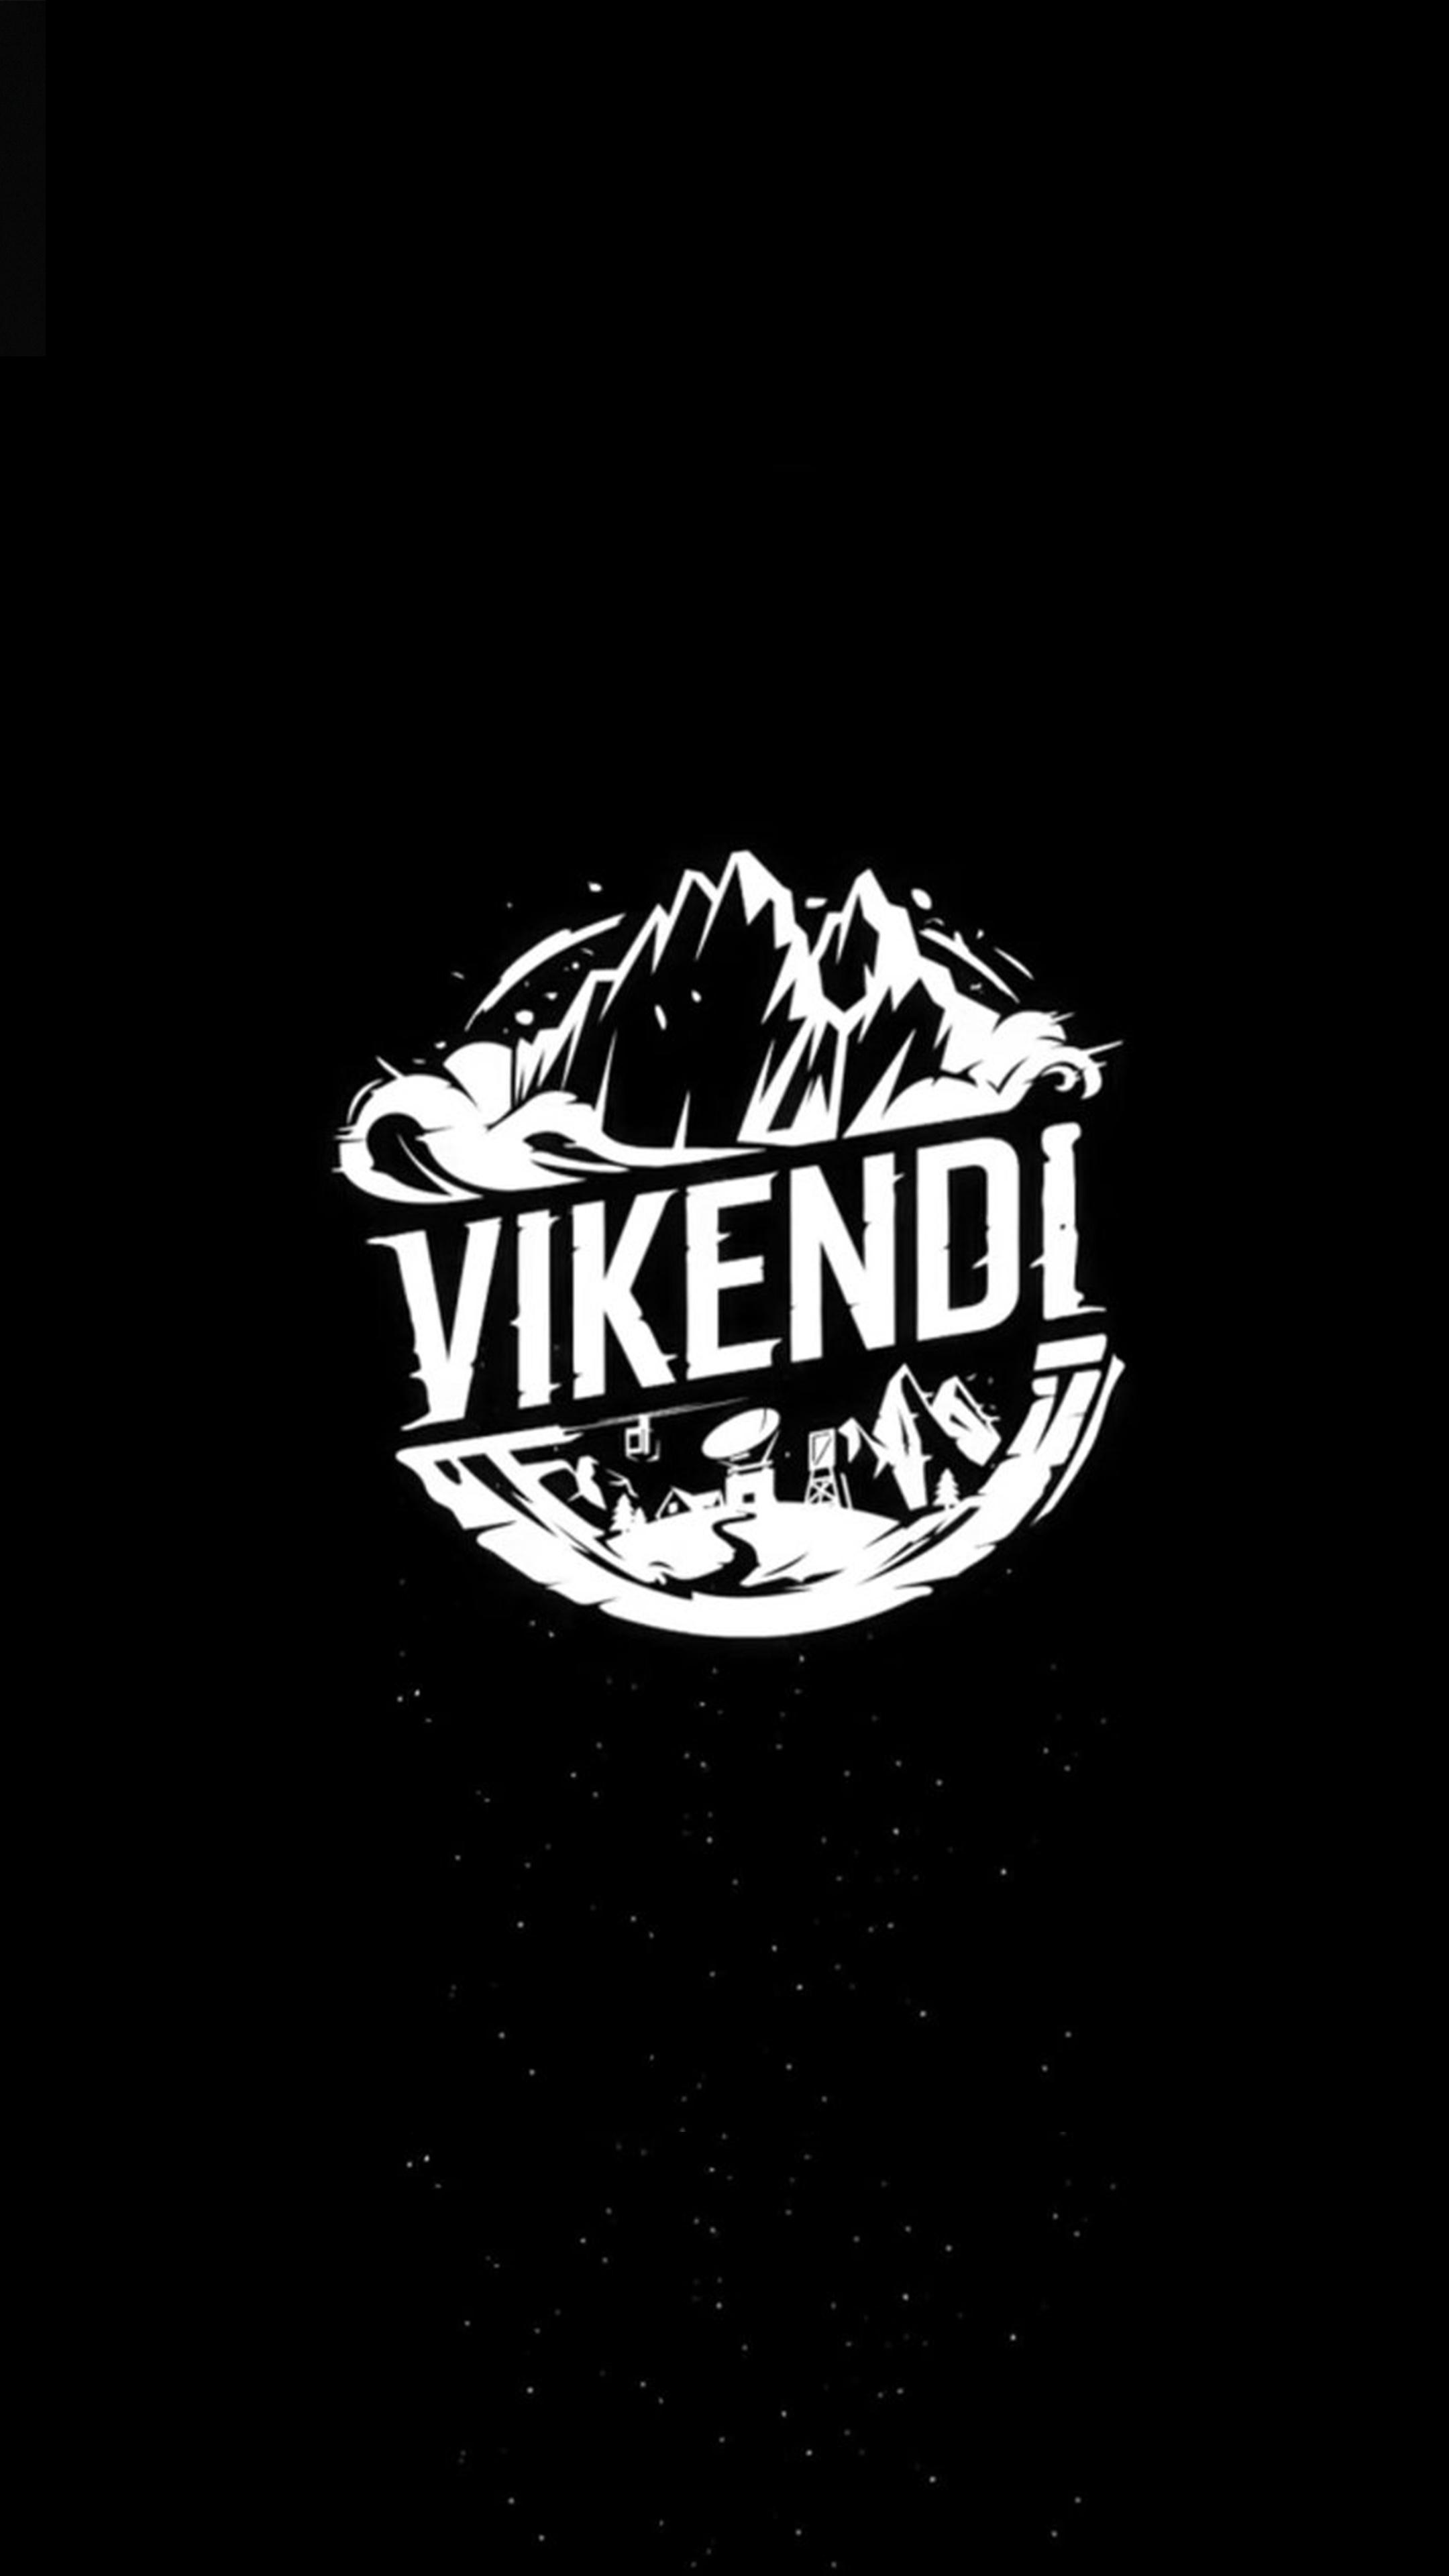 Download Vikendi Playerunknown S Battlegrounds Free Pure 4k Ultra Hd